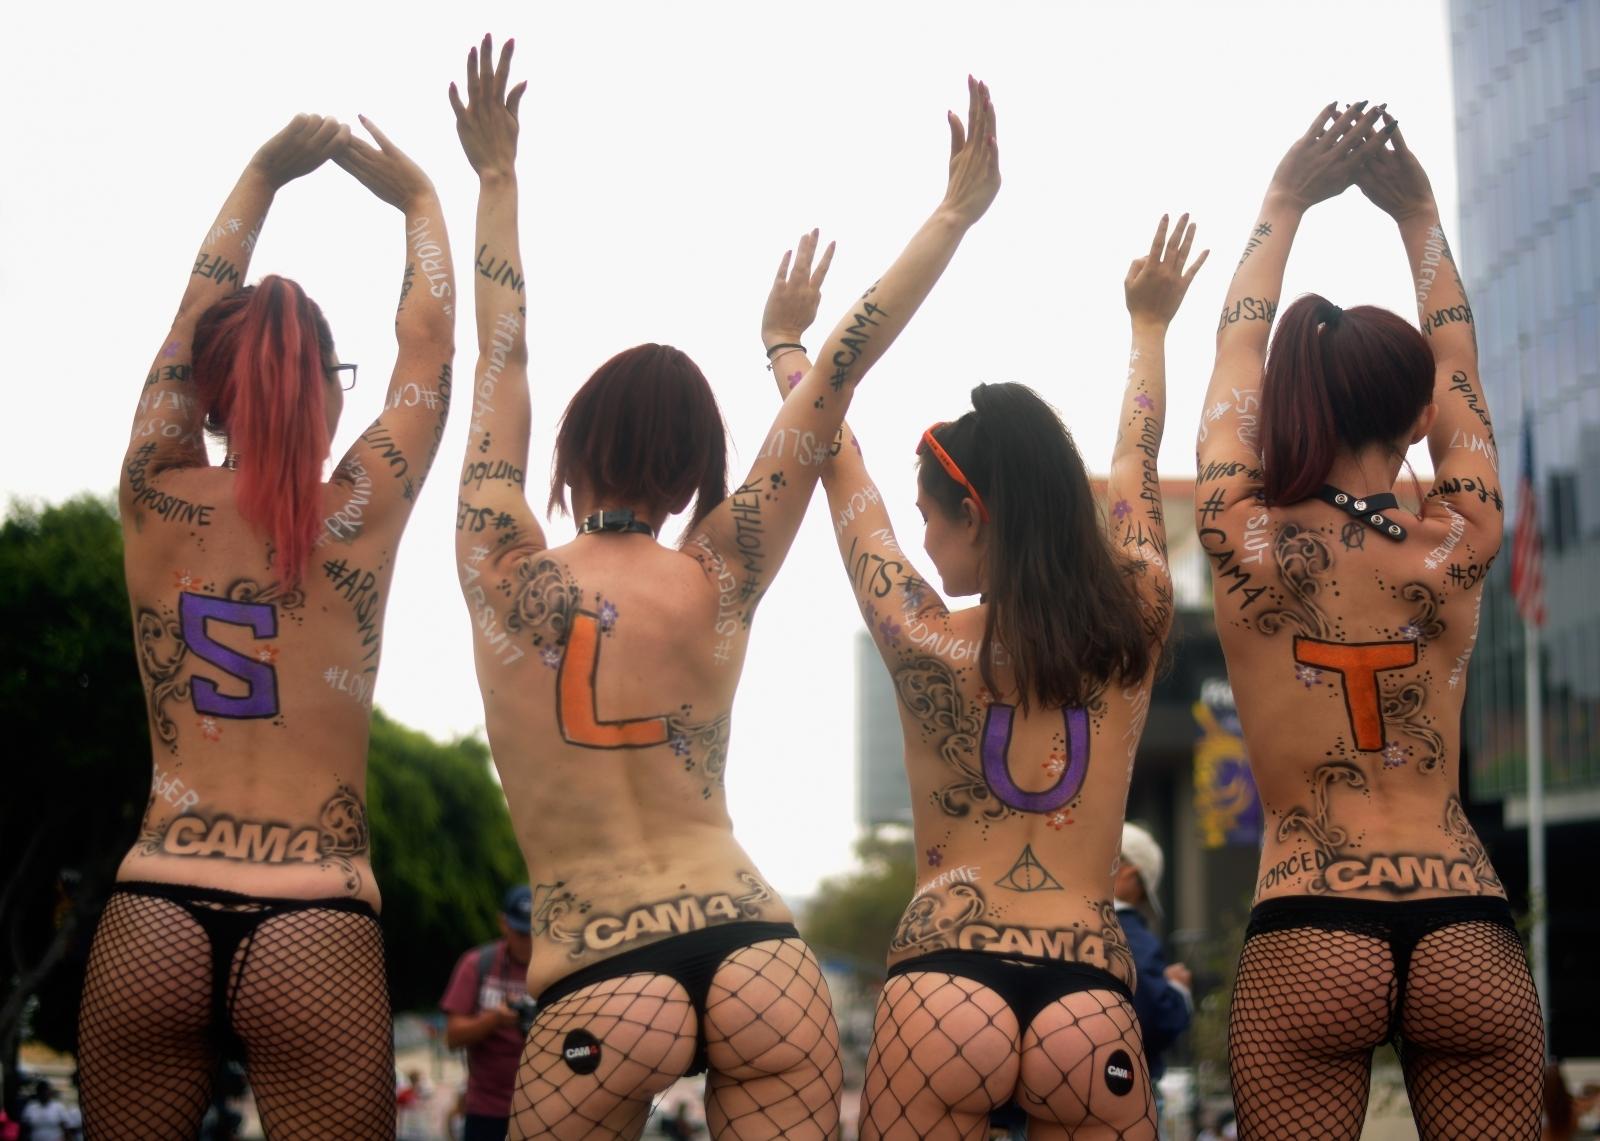 Slut Walk protestors